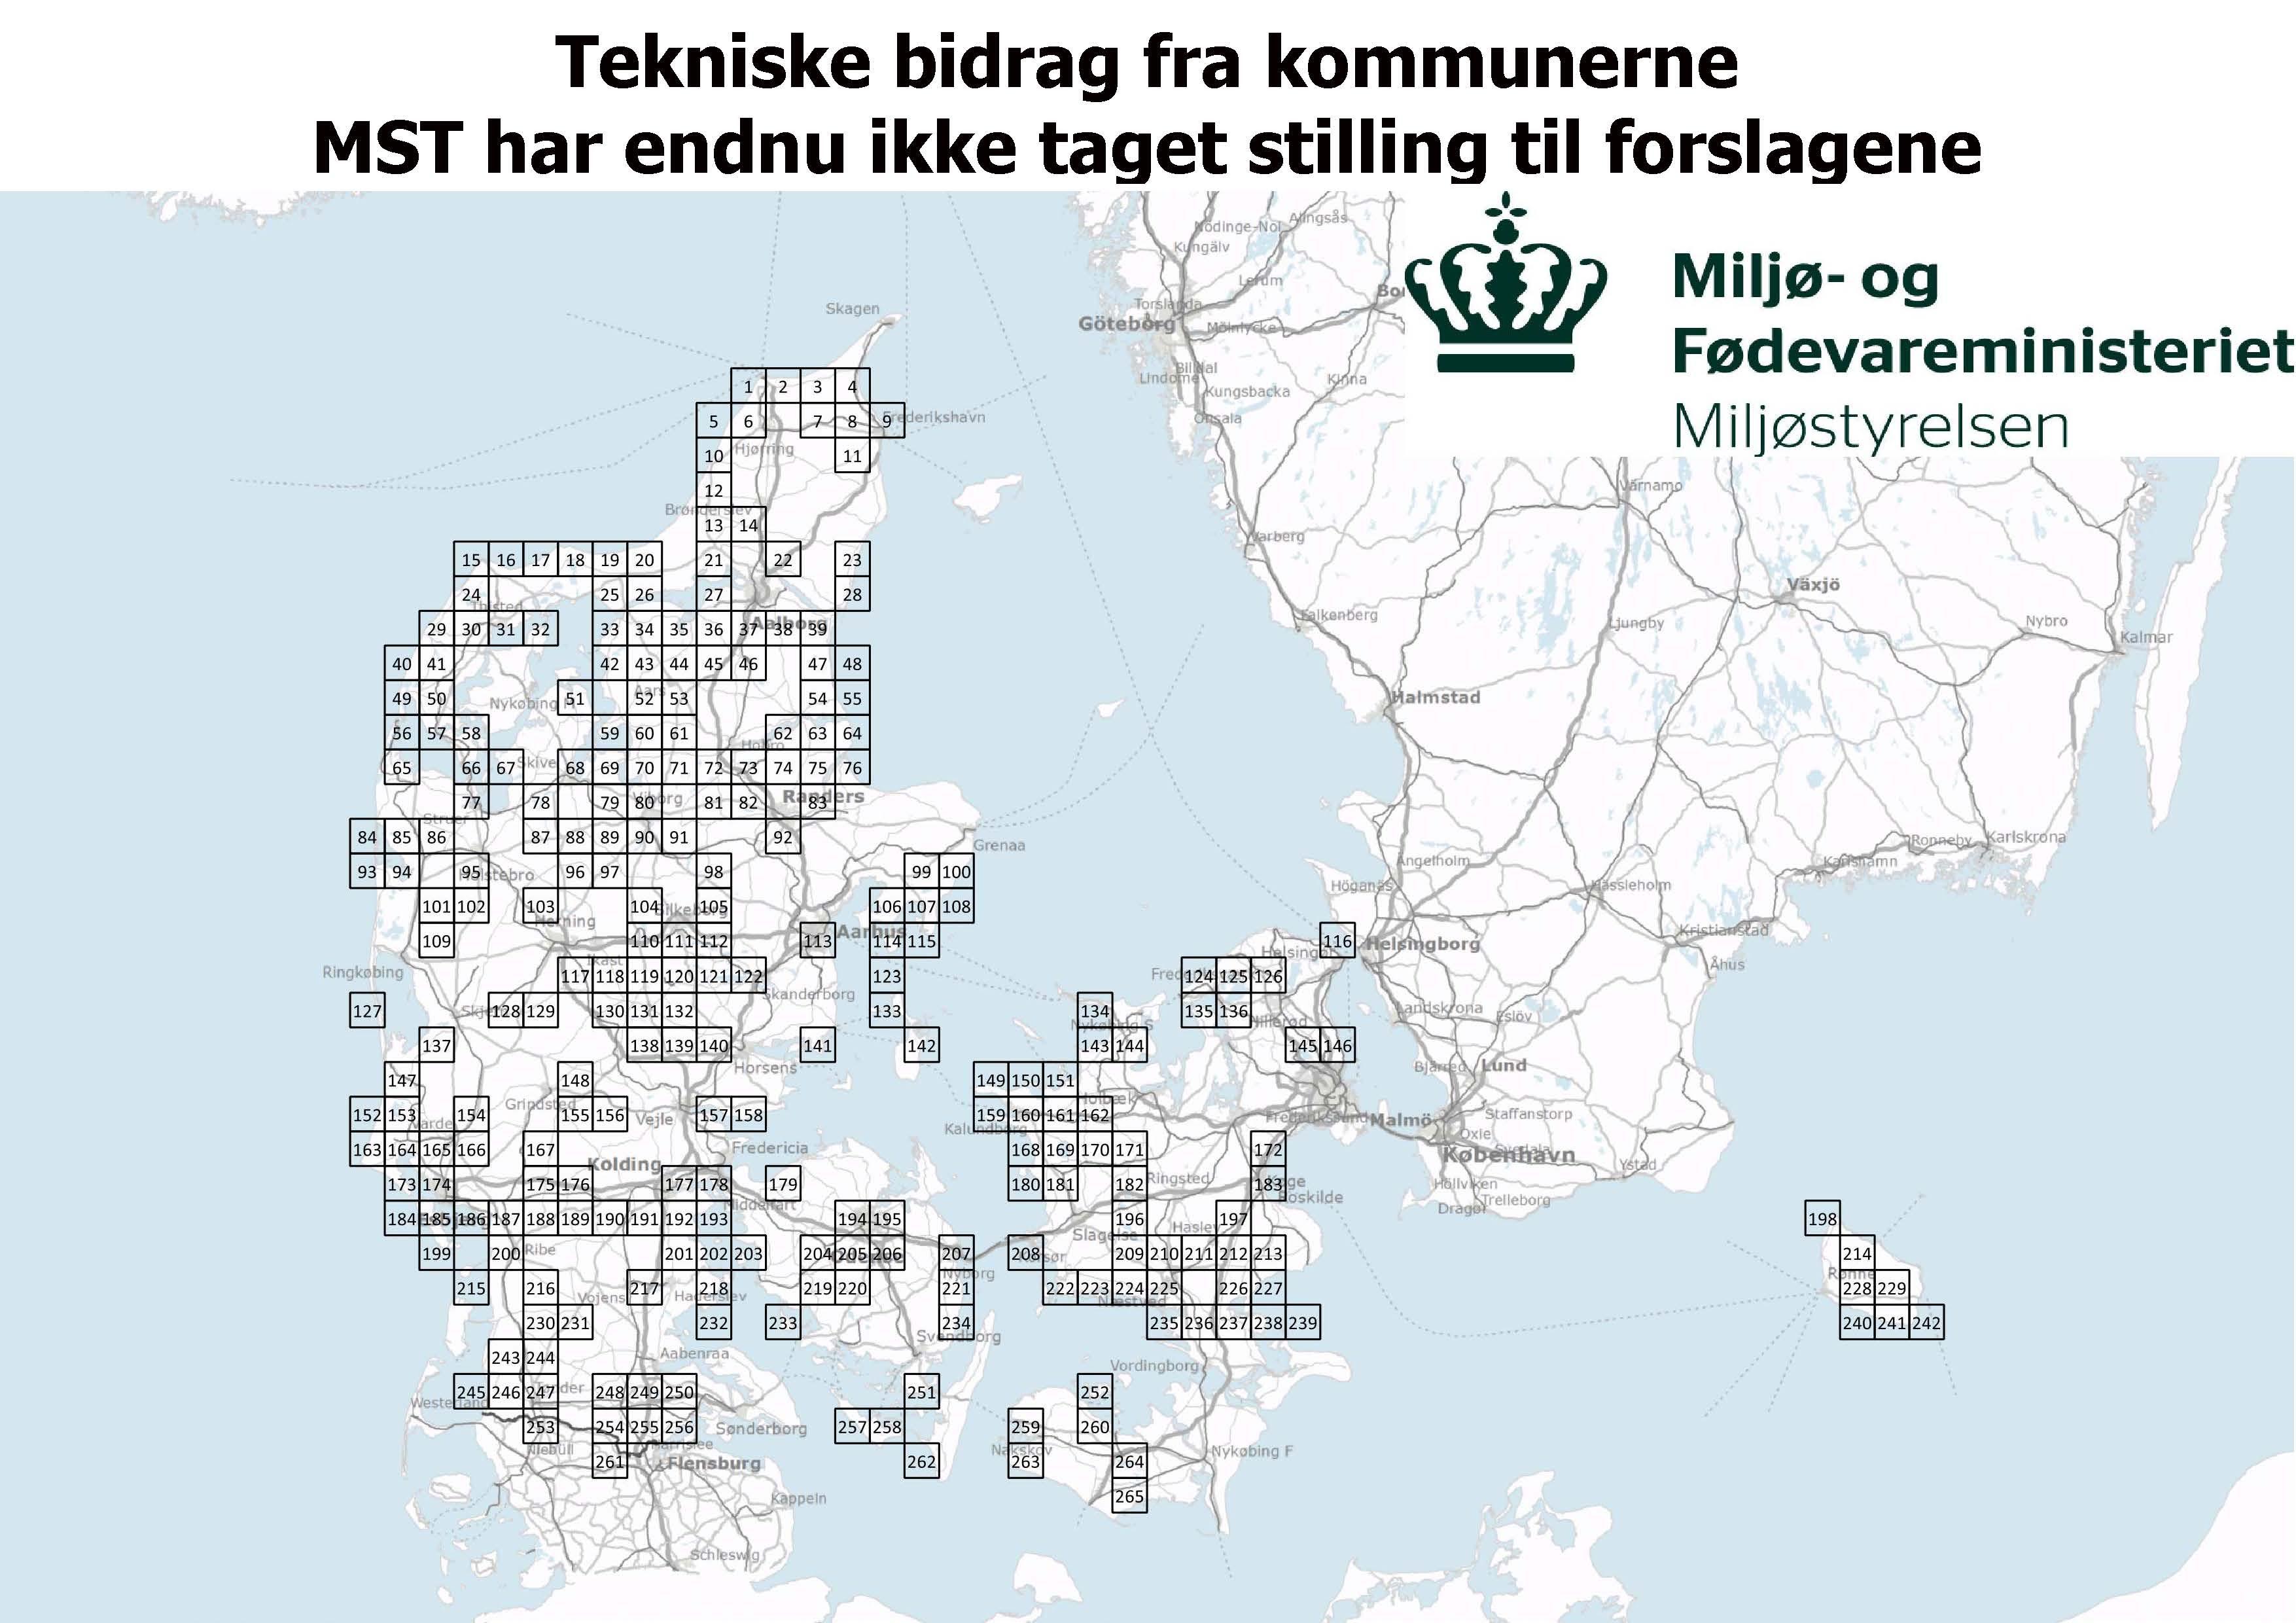 Tekniske bidrag fra kommunerne MST har endnu ikke taget stilling til forslagene